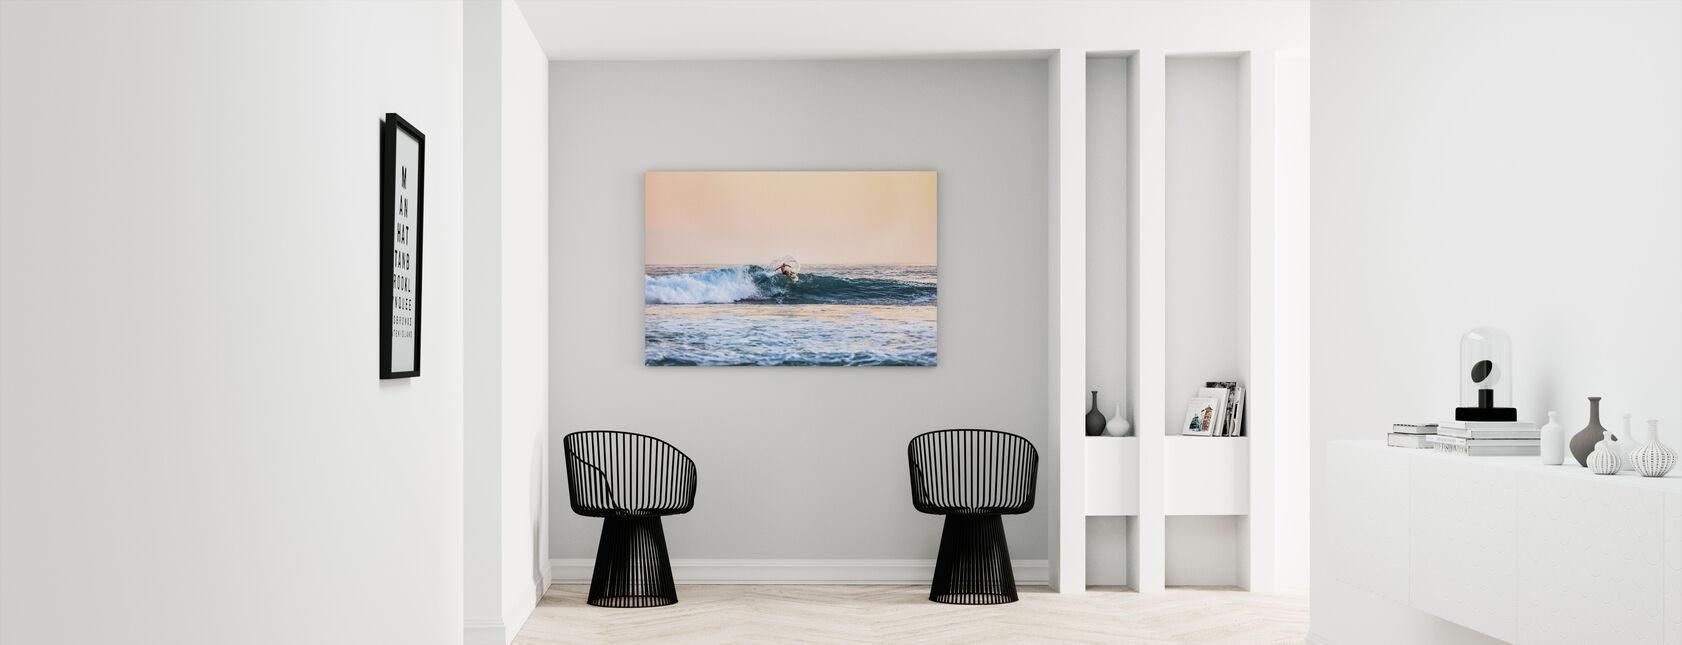 Surfing - Canvas print - Hallway